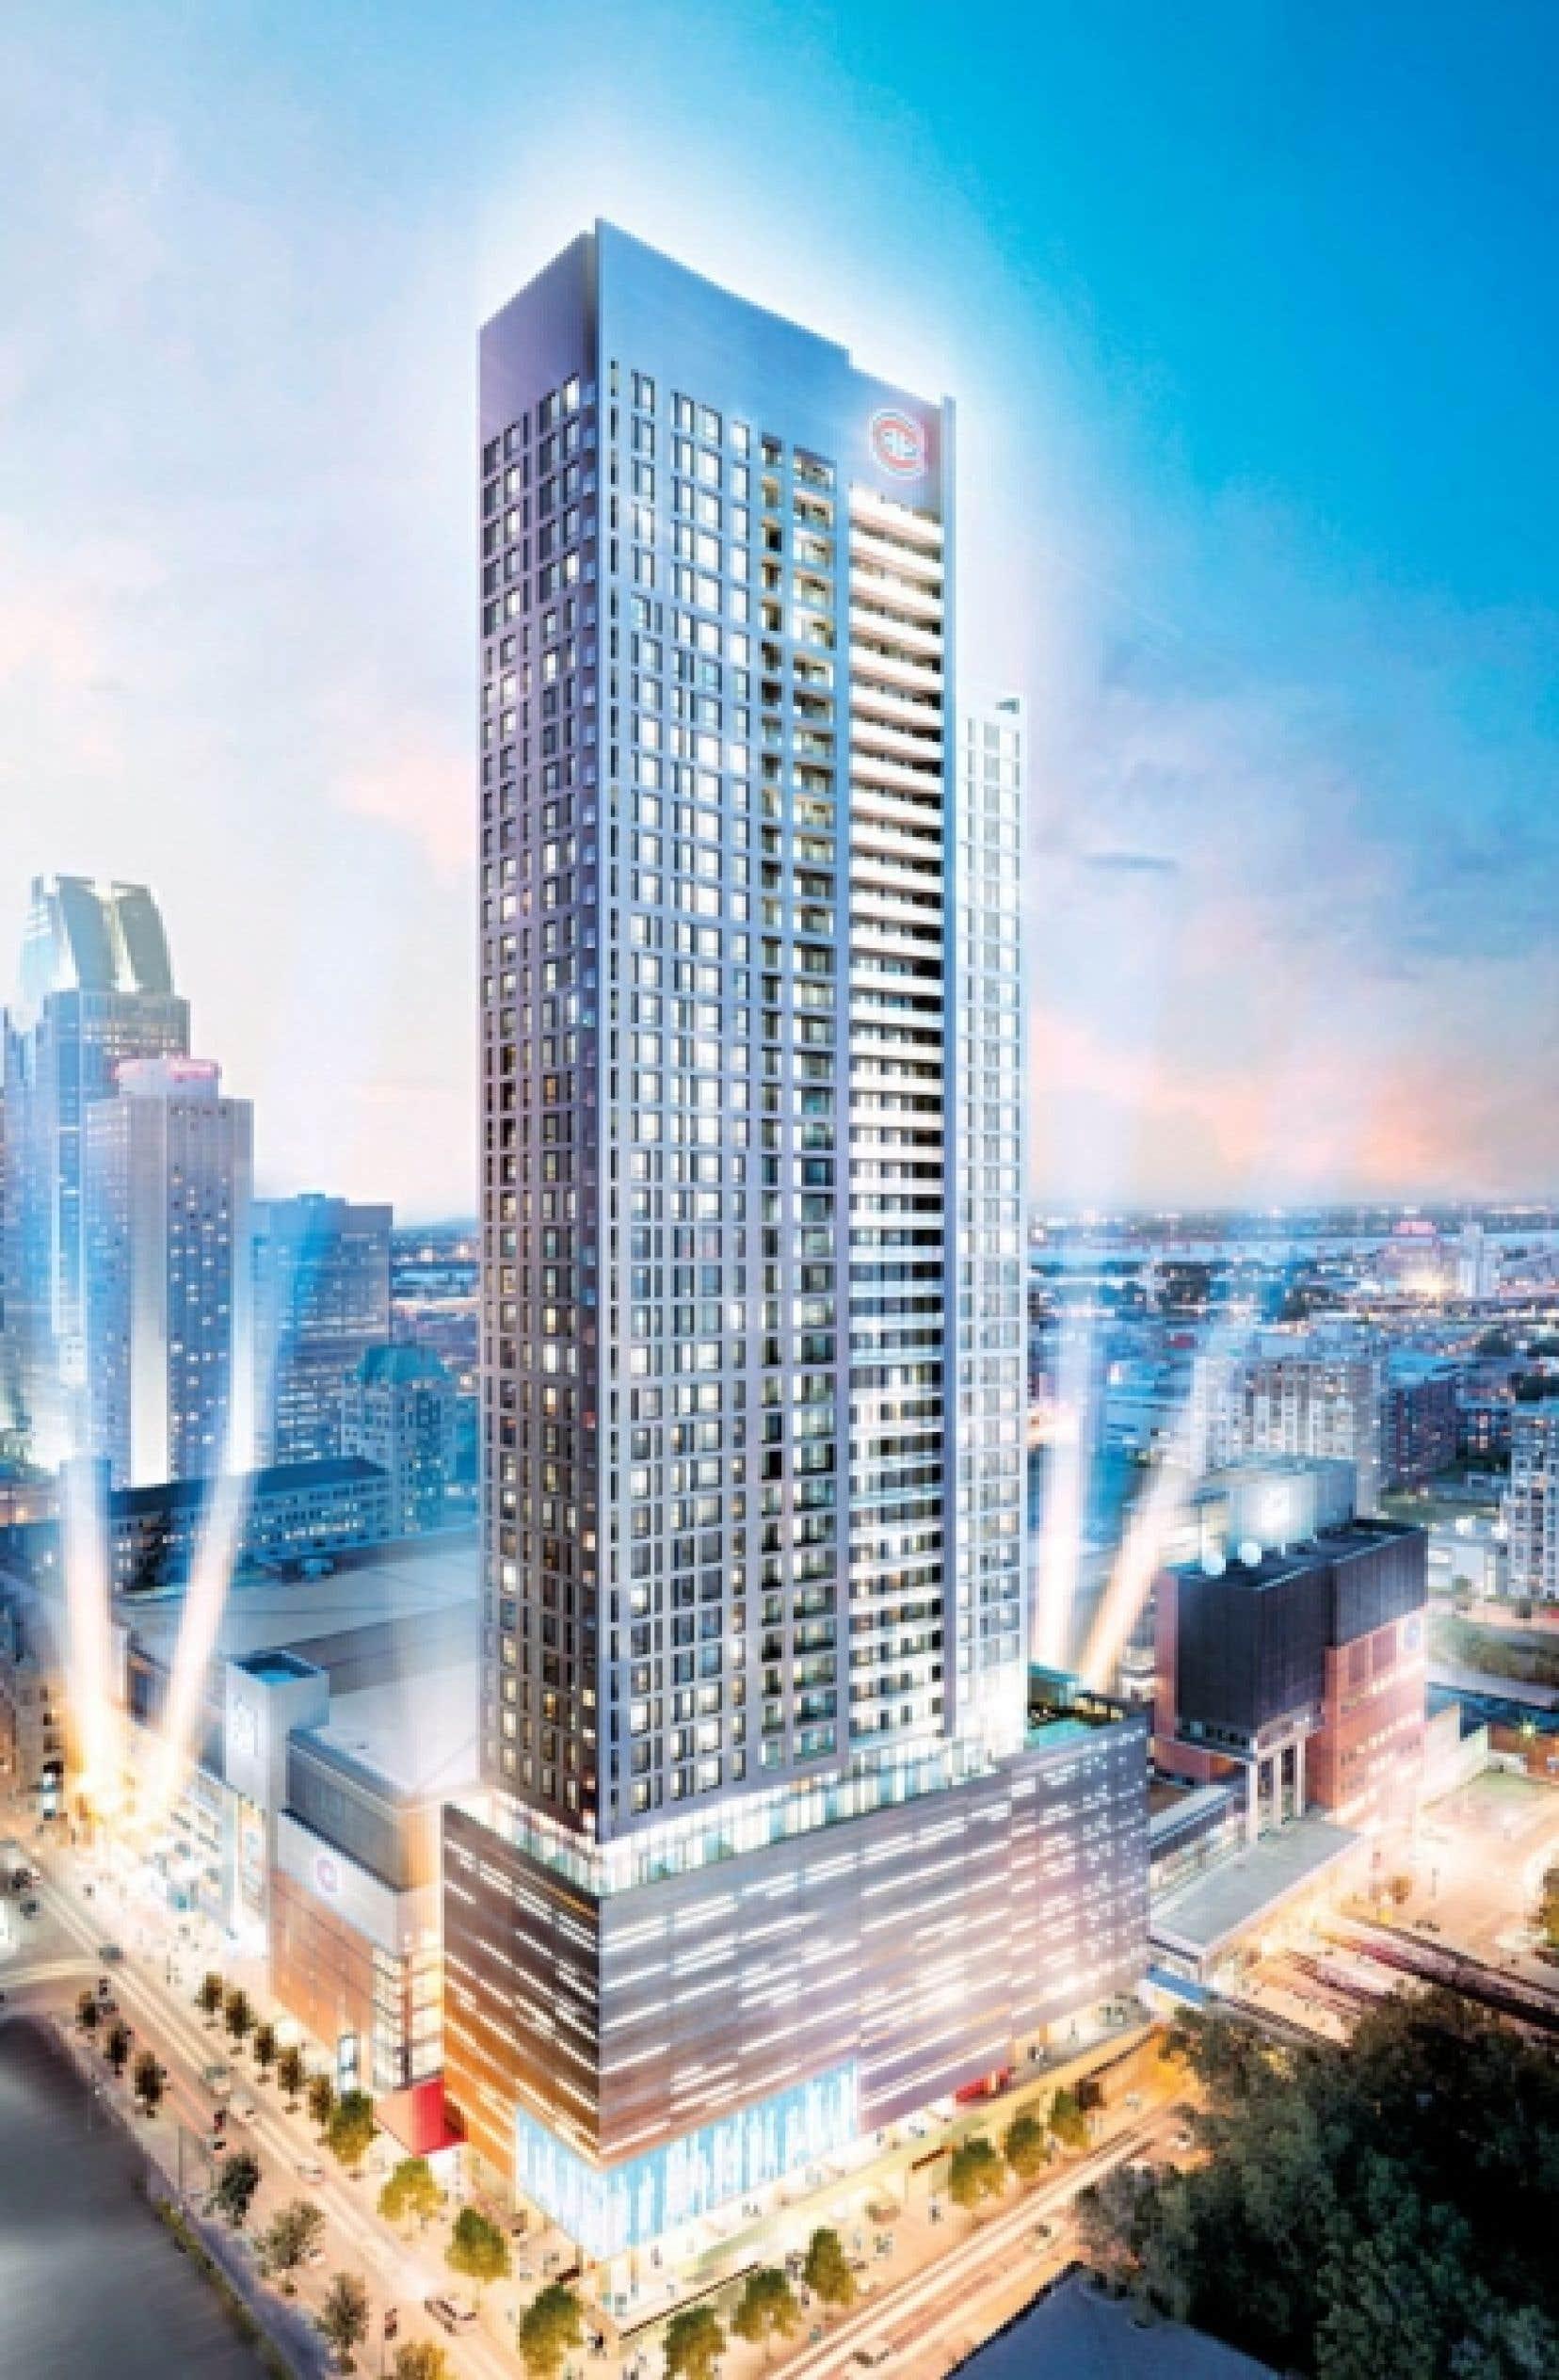 Ce projet de 48 étages abritera 534 logements qui auront une superficie allant de 332 pi2 à 2000 pi2 pour les penthouses.